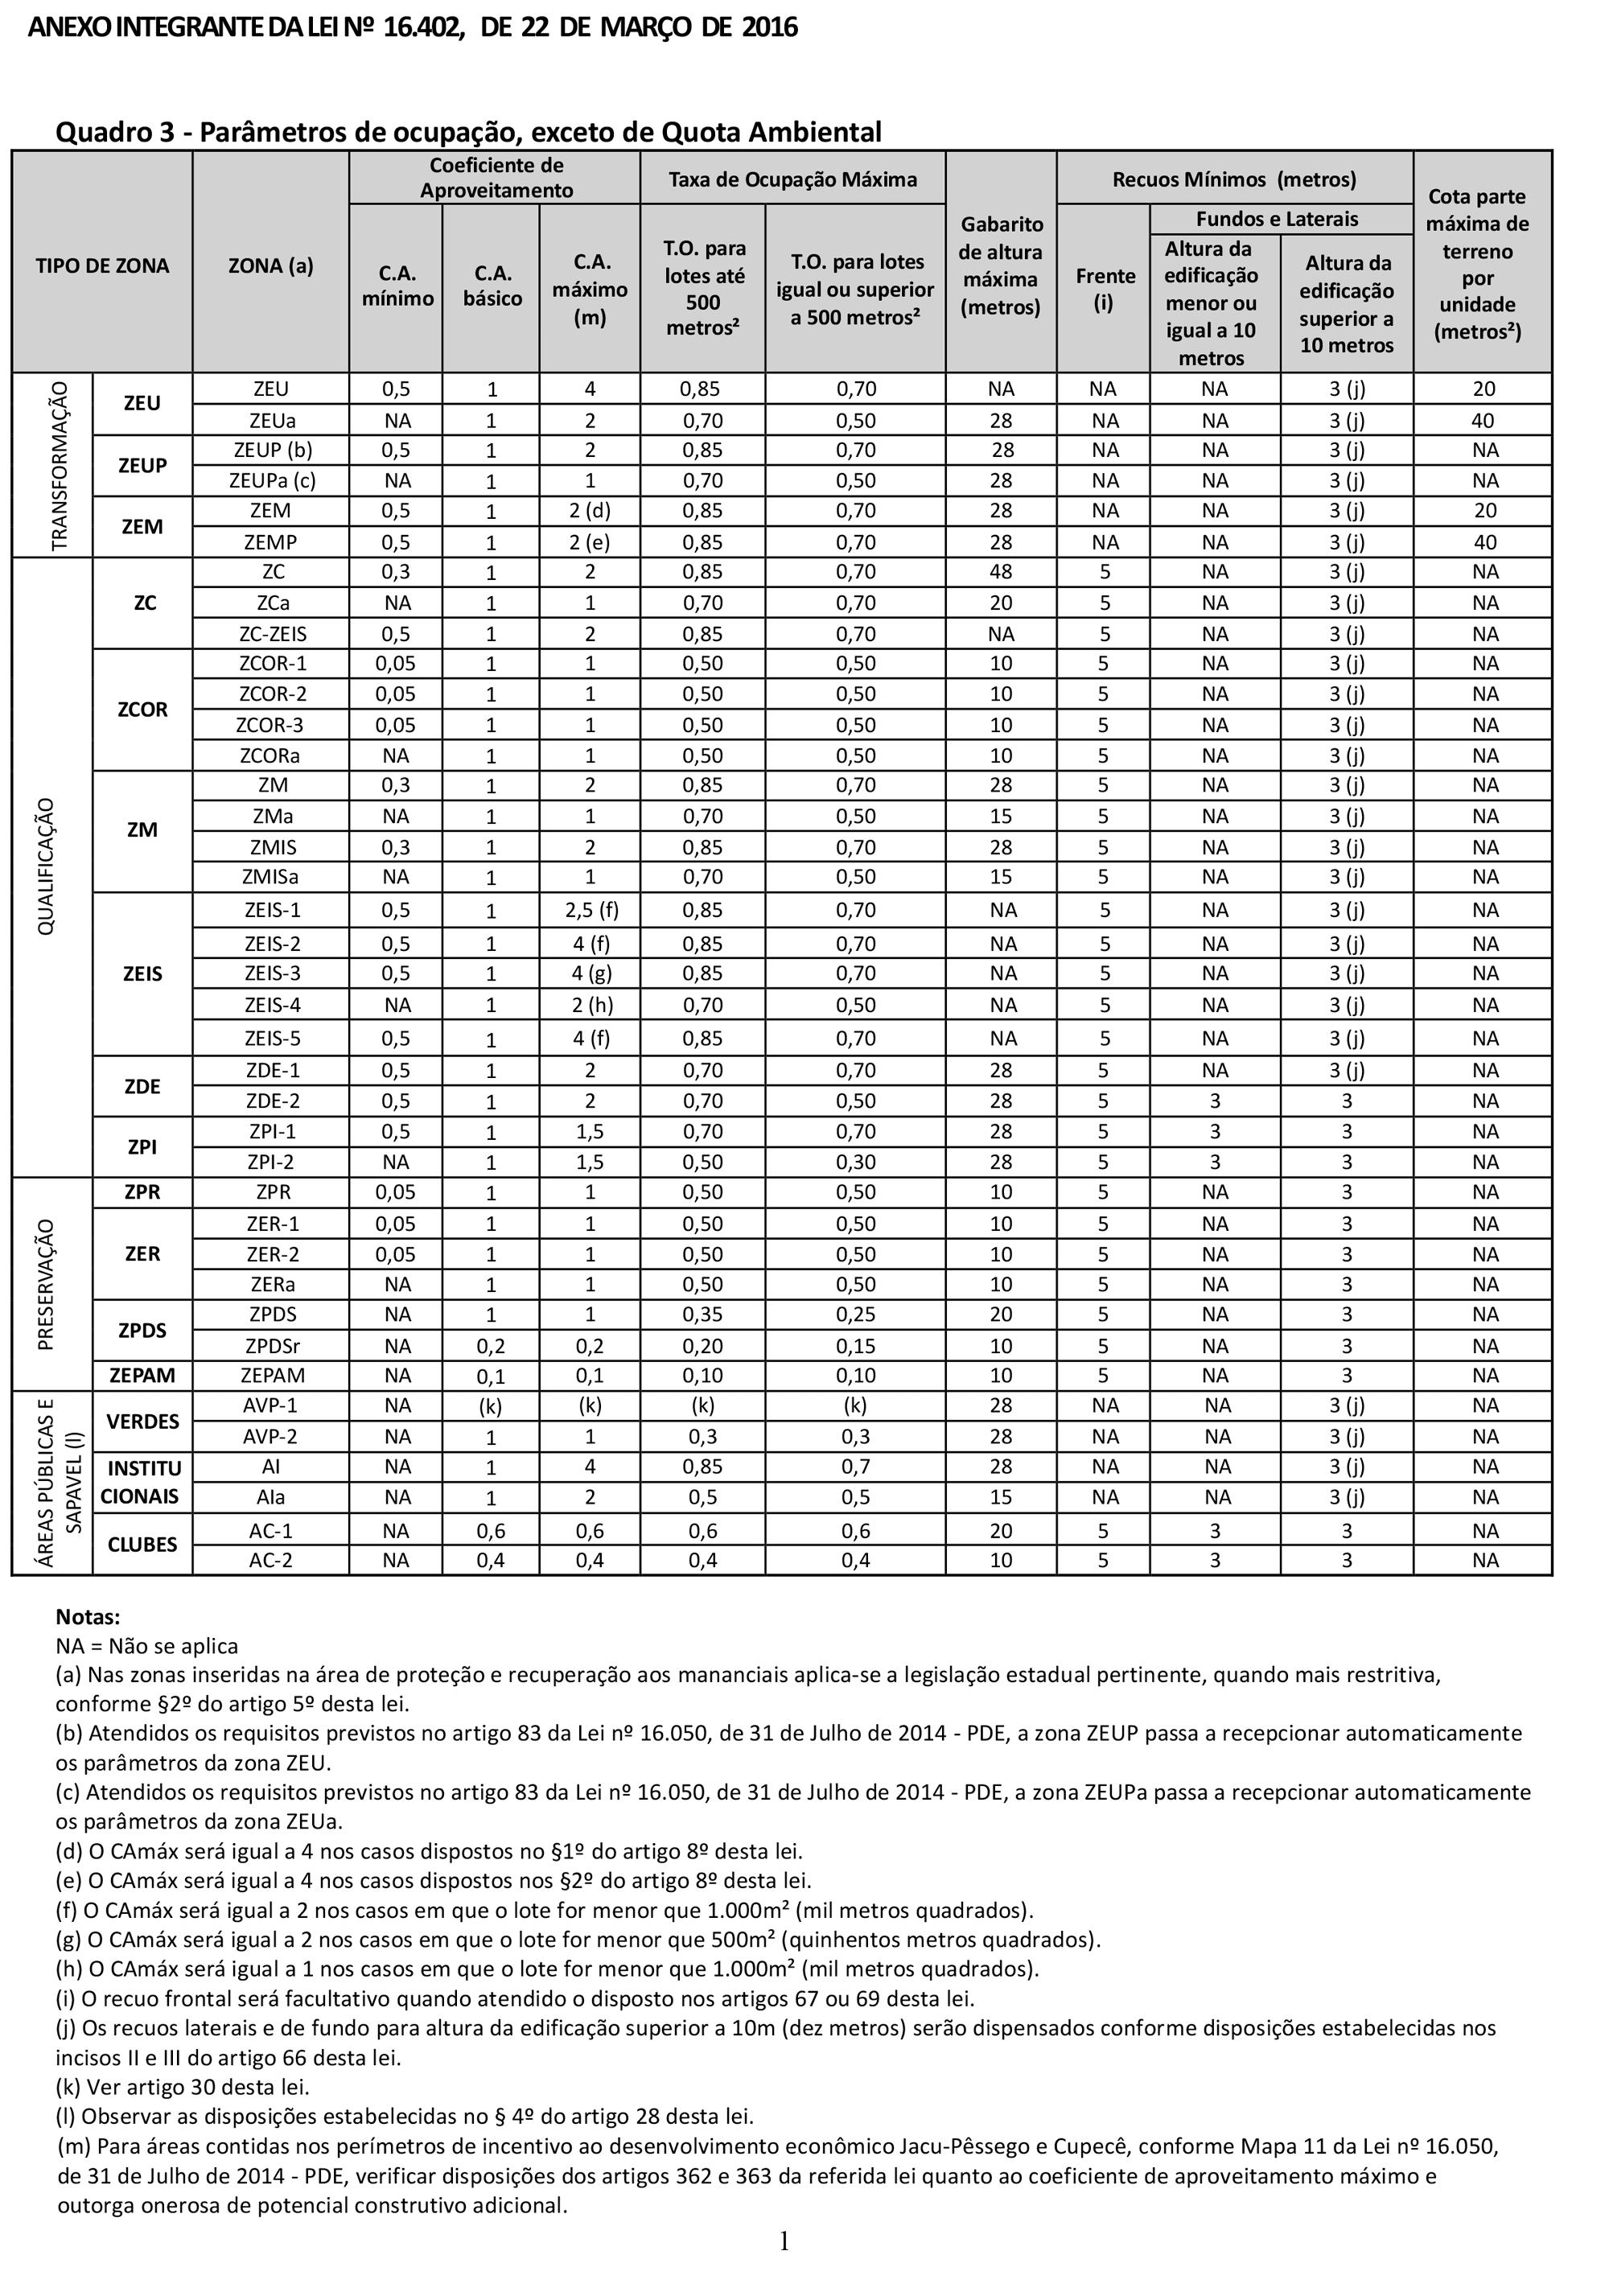 Quadro 3 - Parâmetros de ocupação do lote (LPUOS/2016)